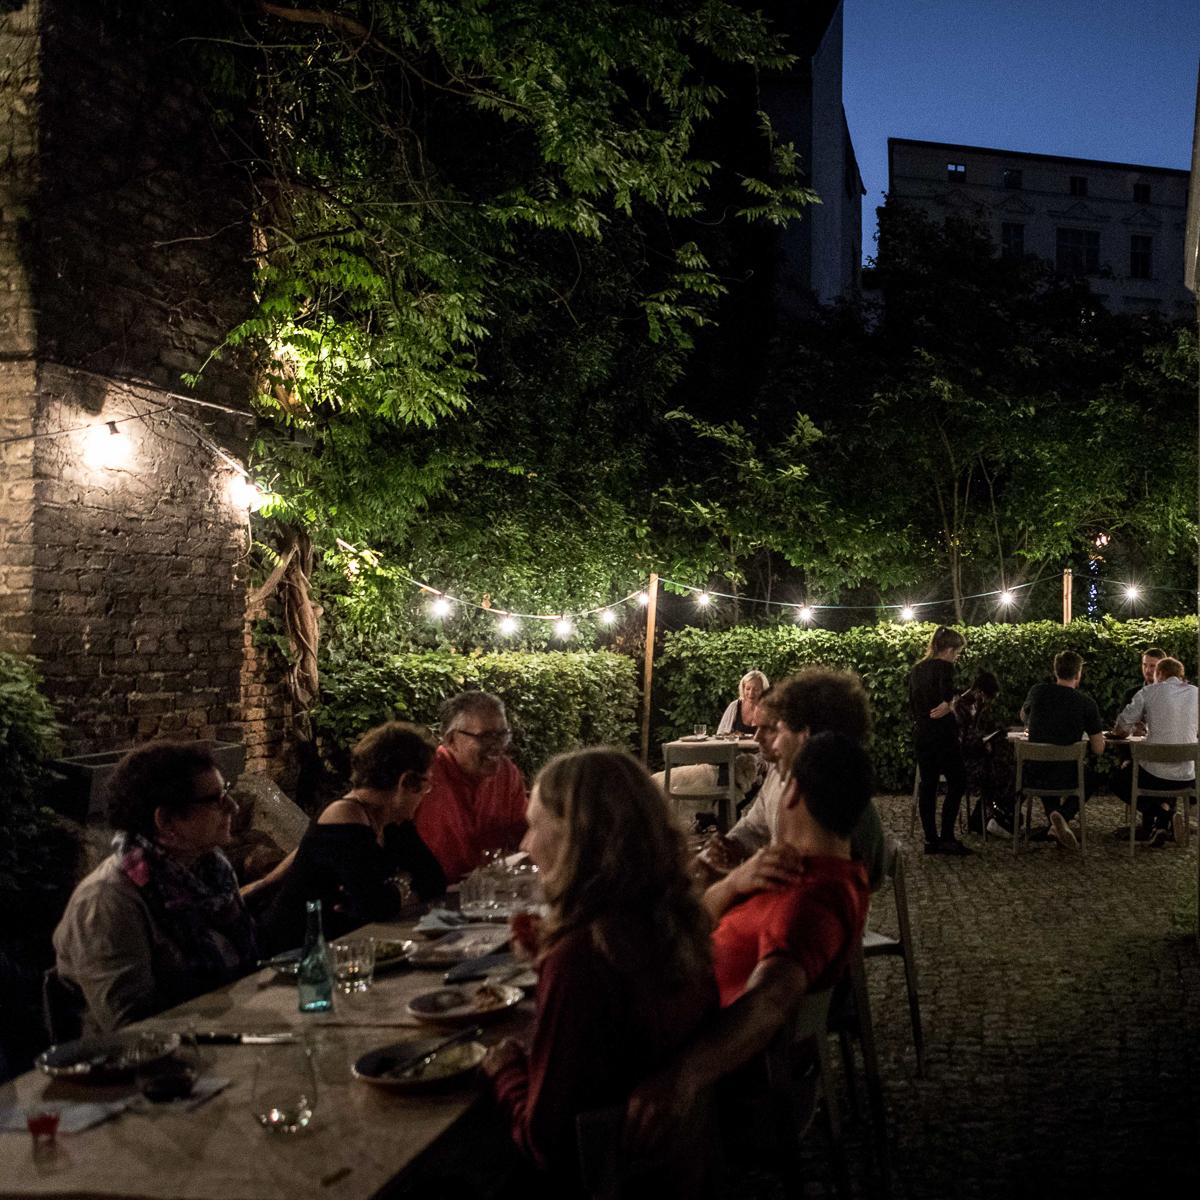 Restaurant + Bar Night Kitchen Berlin Mitte-4